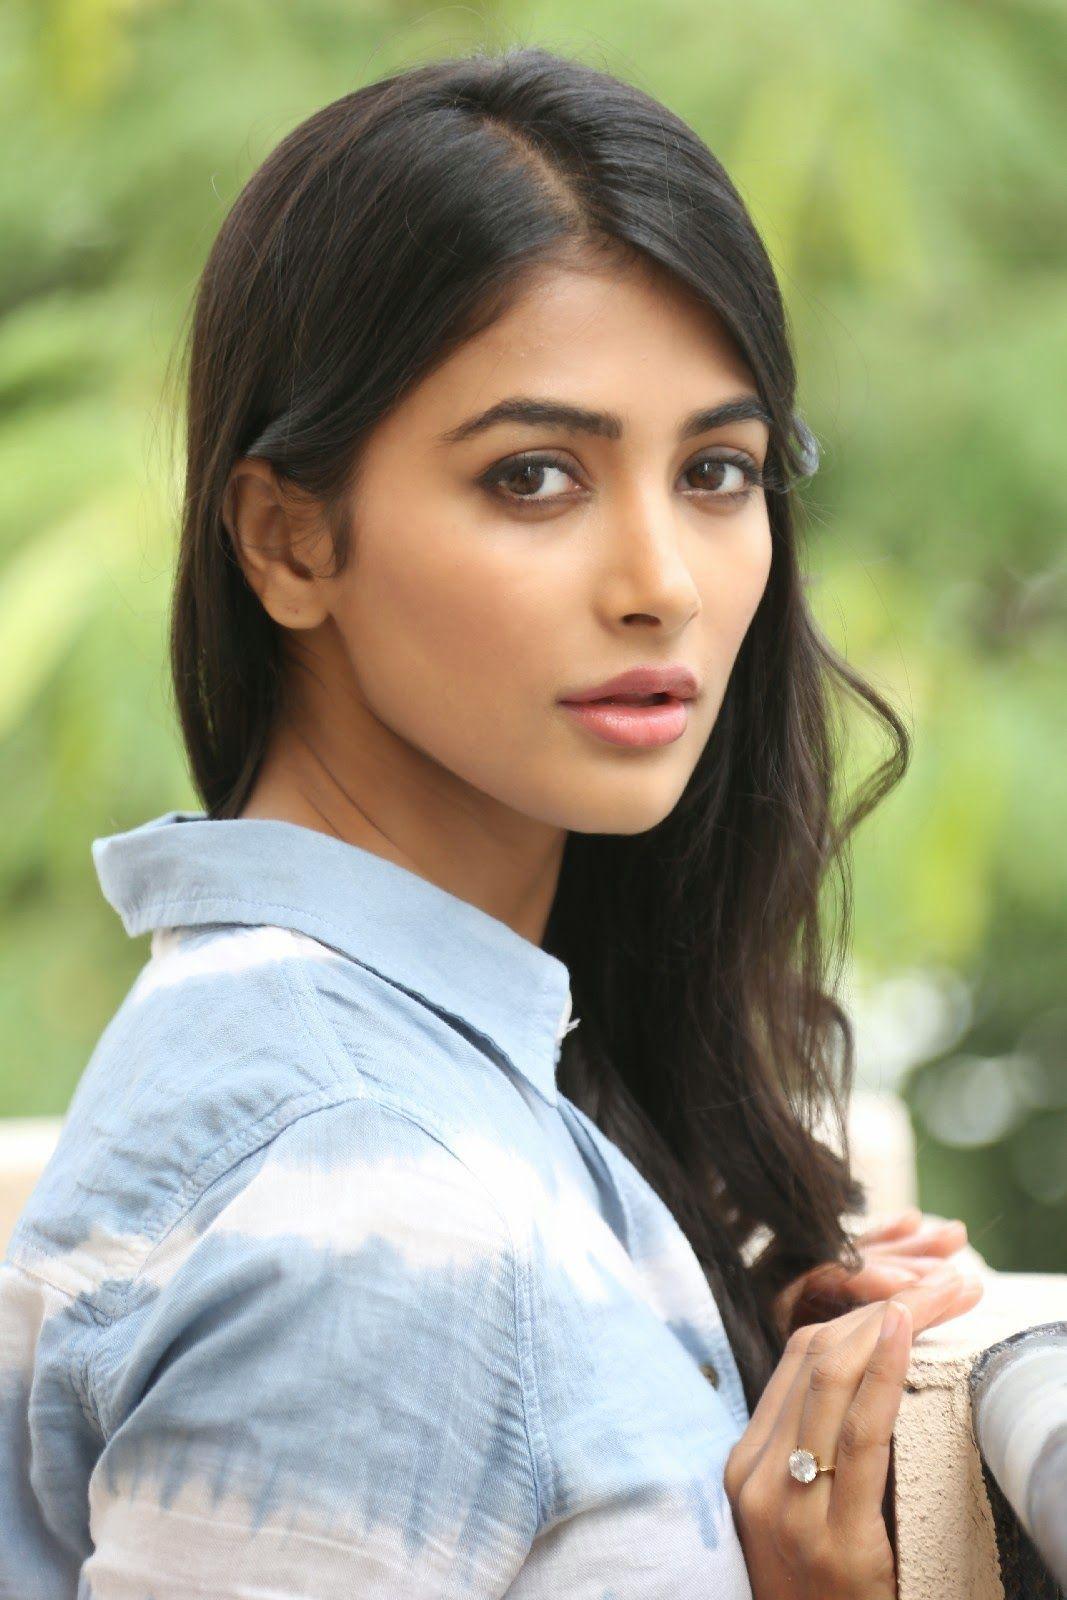 pinladdi mallhi on bollywood cute beautiful actress | pinterest